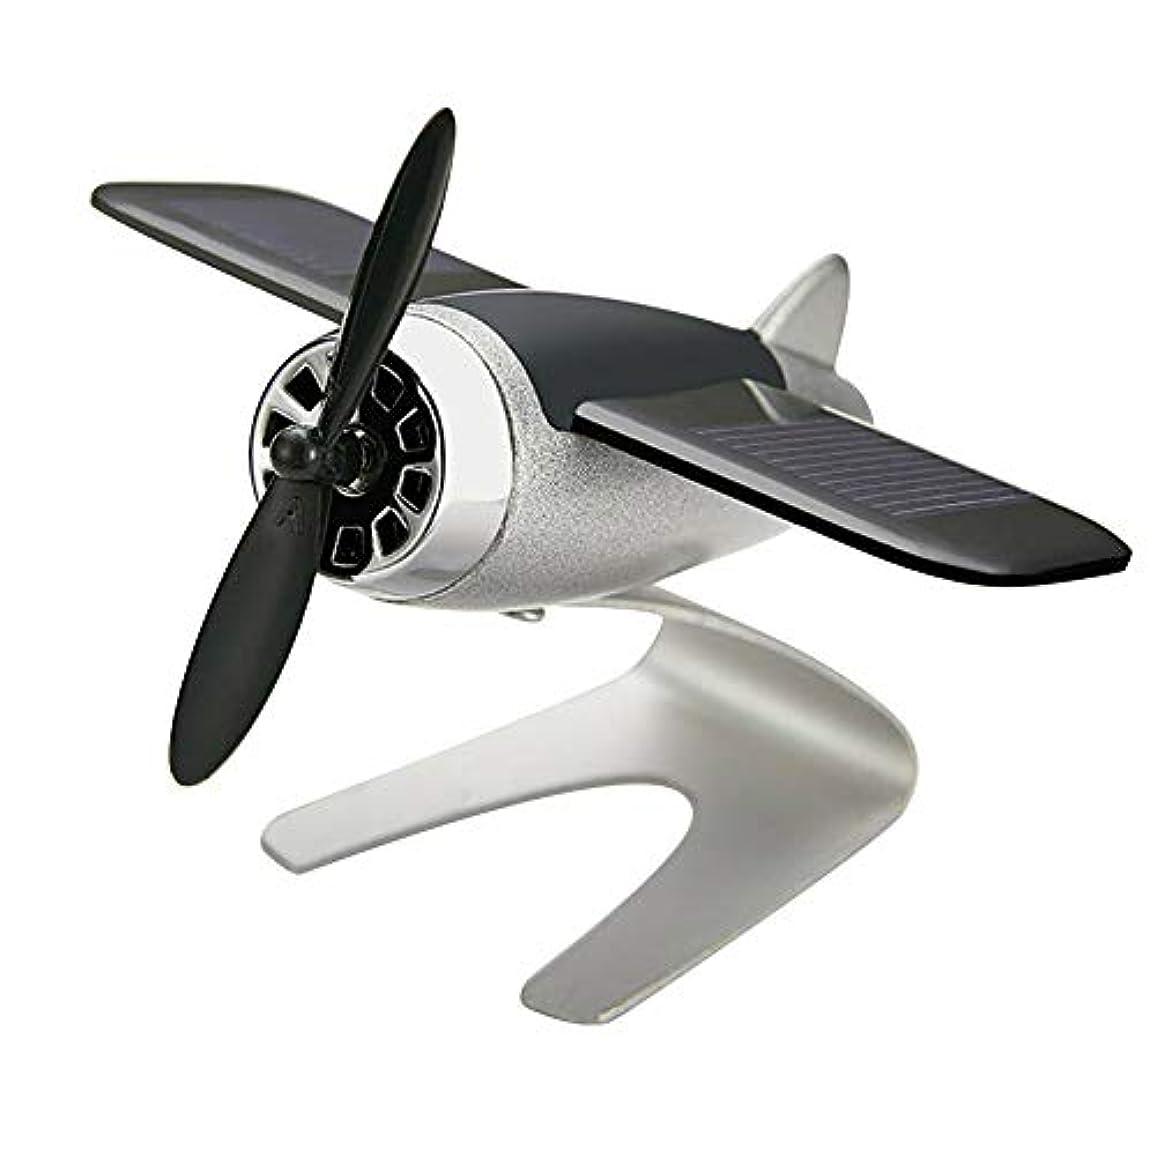 シニスに負けるビスケットSymboat 車の芳香剤飛行機航空機モデル太陽エネルギーアロマテラピー室内装飾